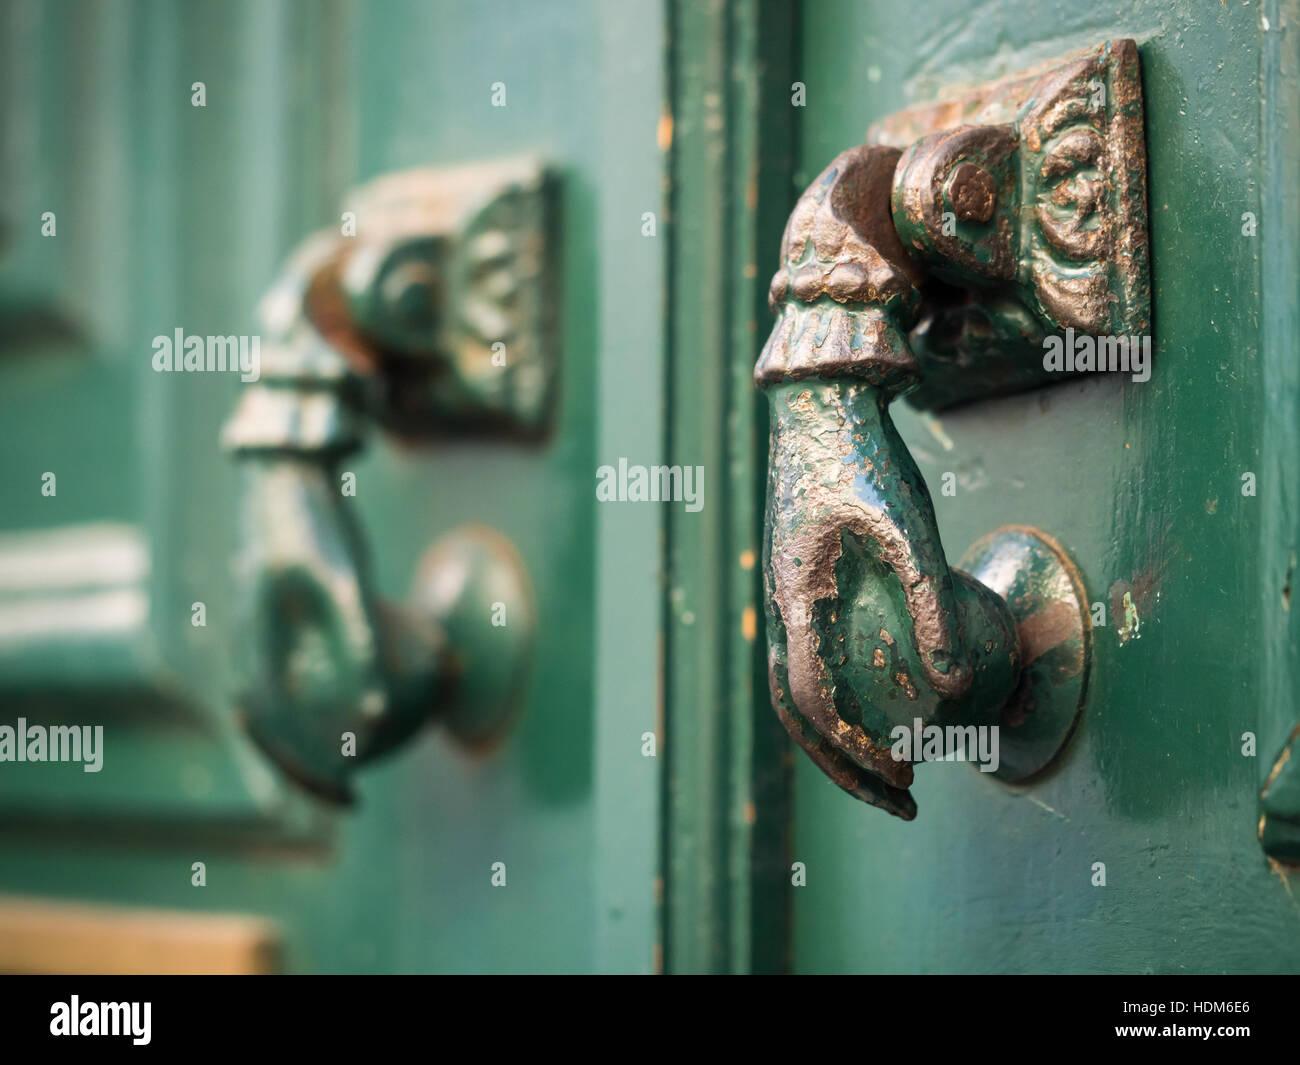 Vecchio canto di metallo a forma di maniglie di porte nel Bairro Alto, Lisbona, Portogallo Immagini Stock